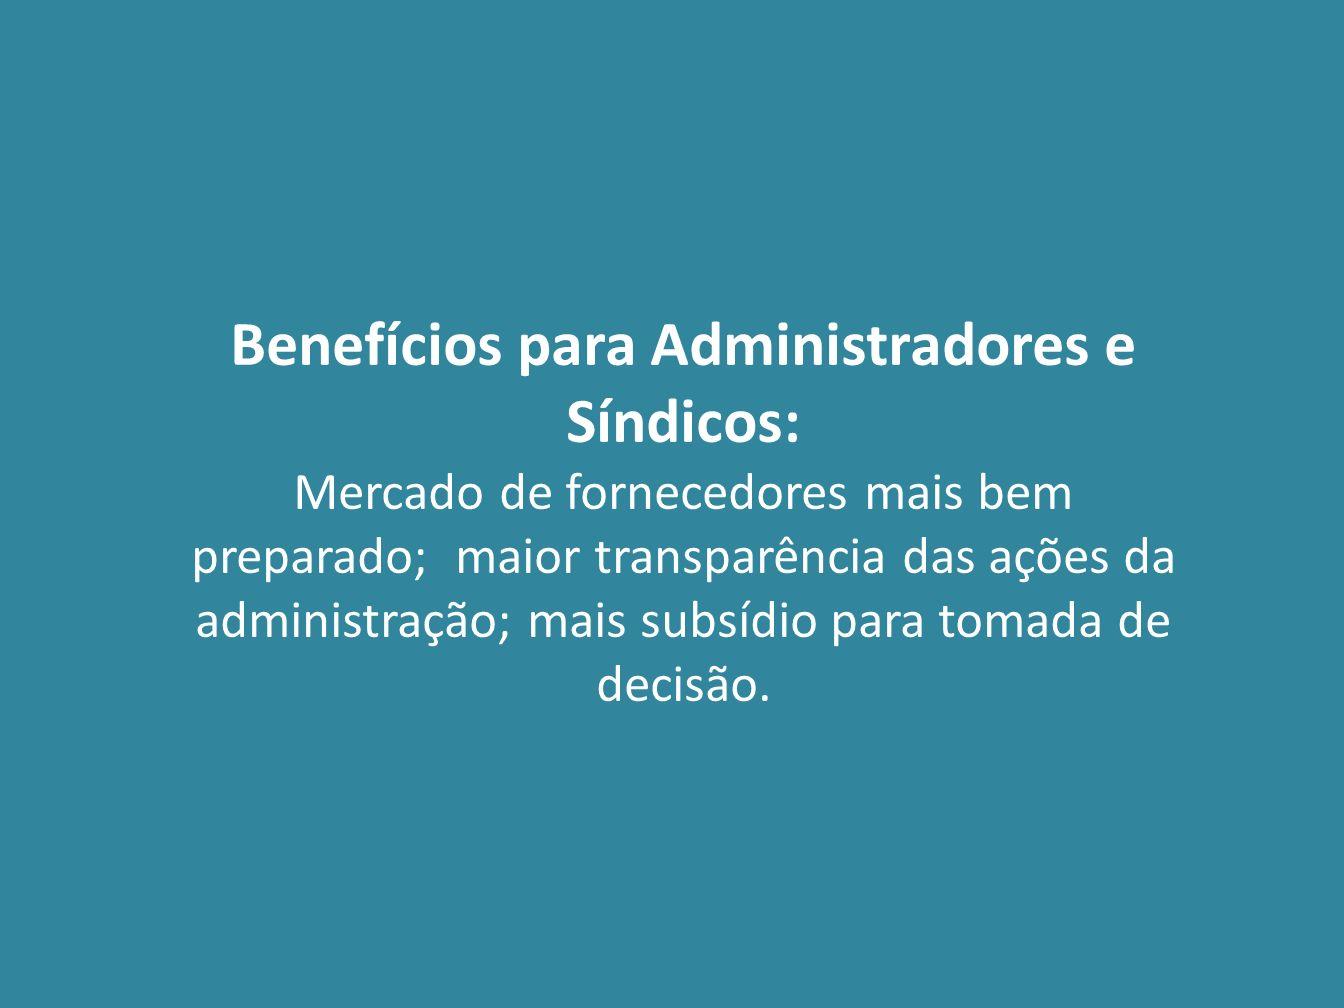 Benefícios para Administradores e Síndicos: